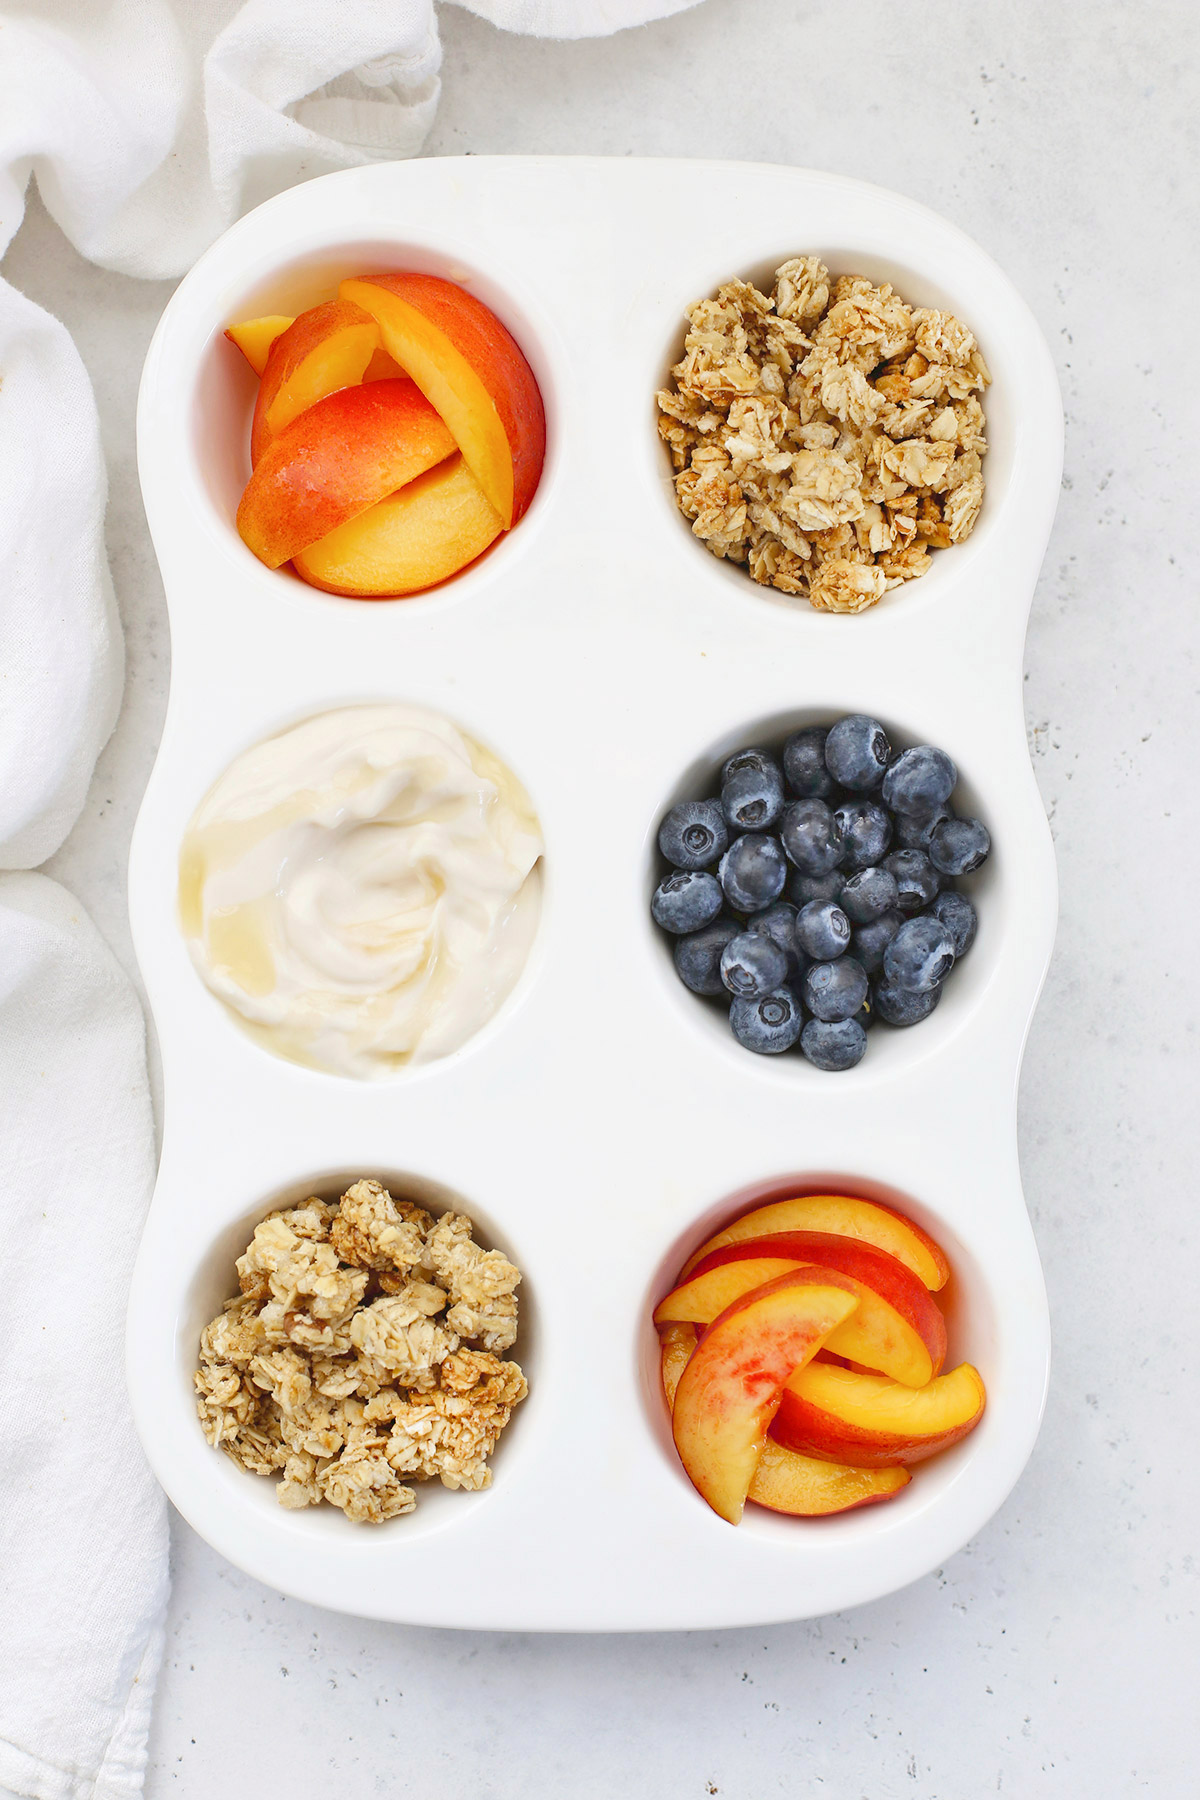 Muffin Tin Snack Tray For Kids with Nectarines, Gluten-Free Granola, Vegan Yogurt and Blueberries